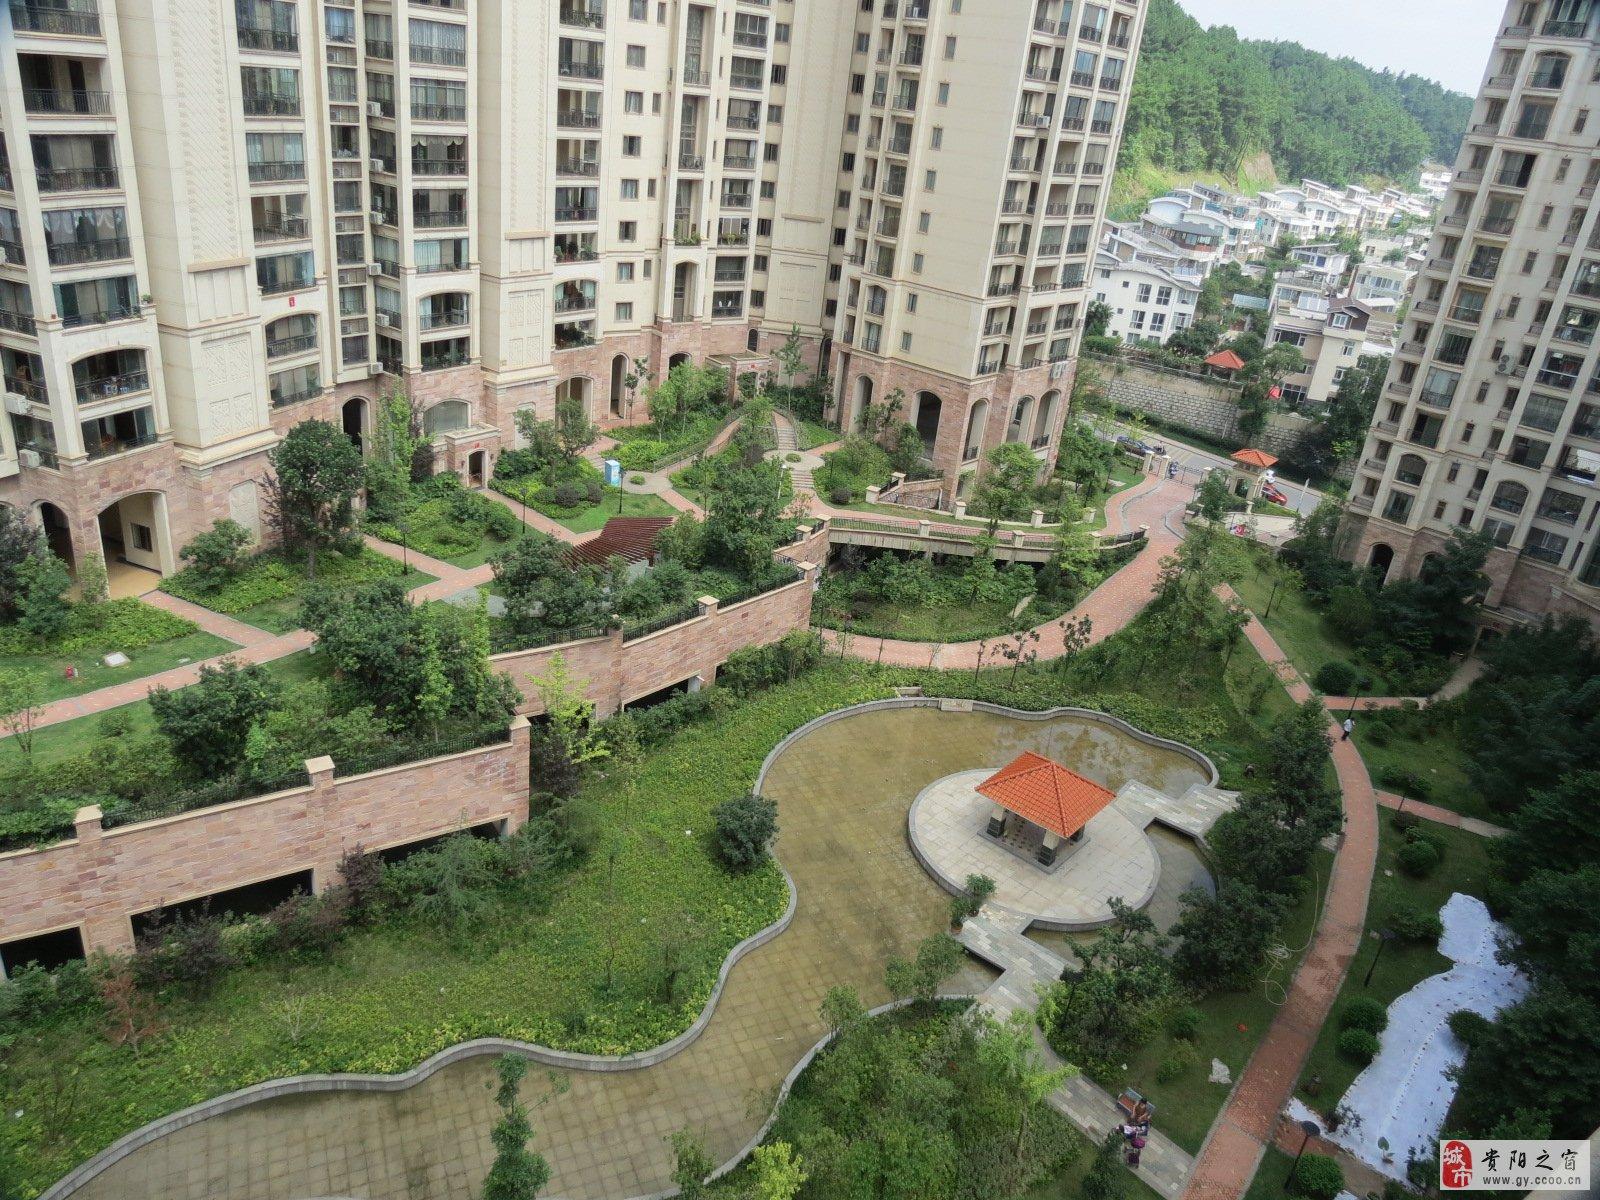 山水黔城210平景观房带固定车位-贵阳城市网